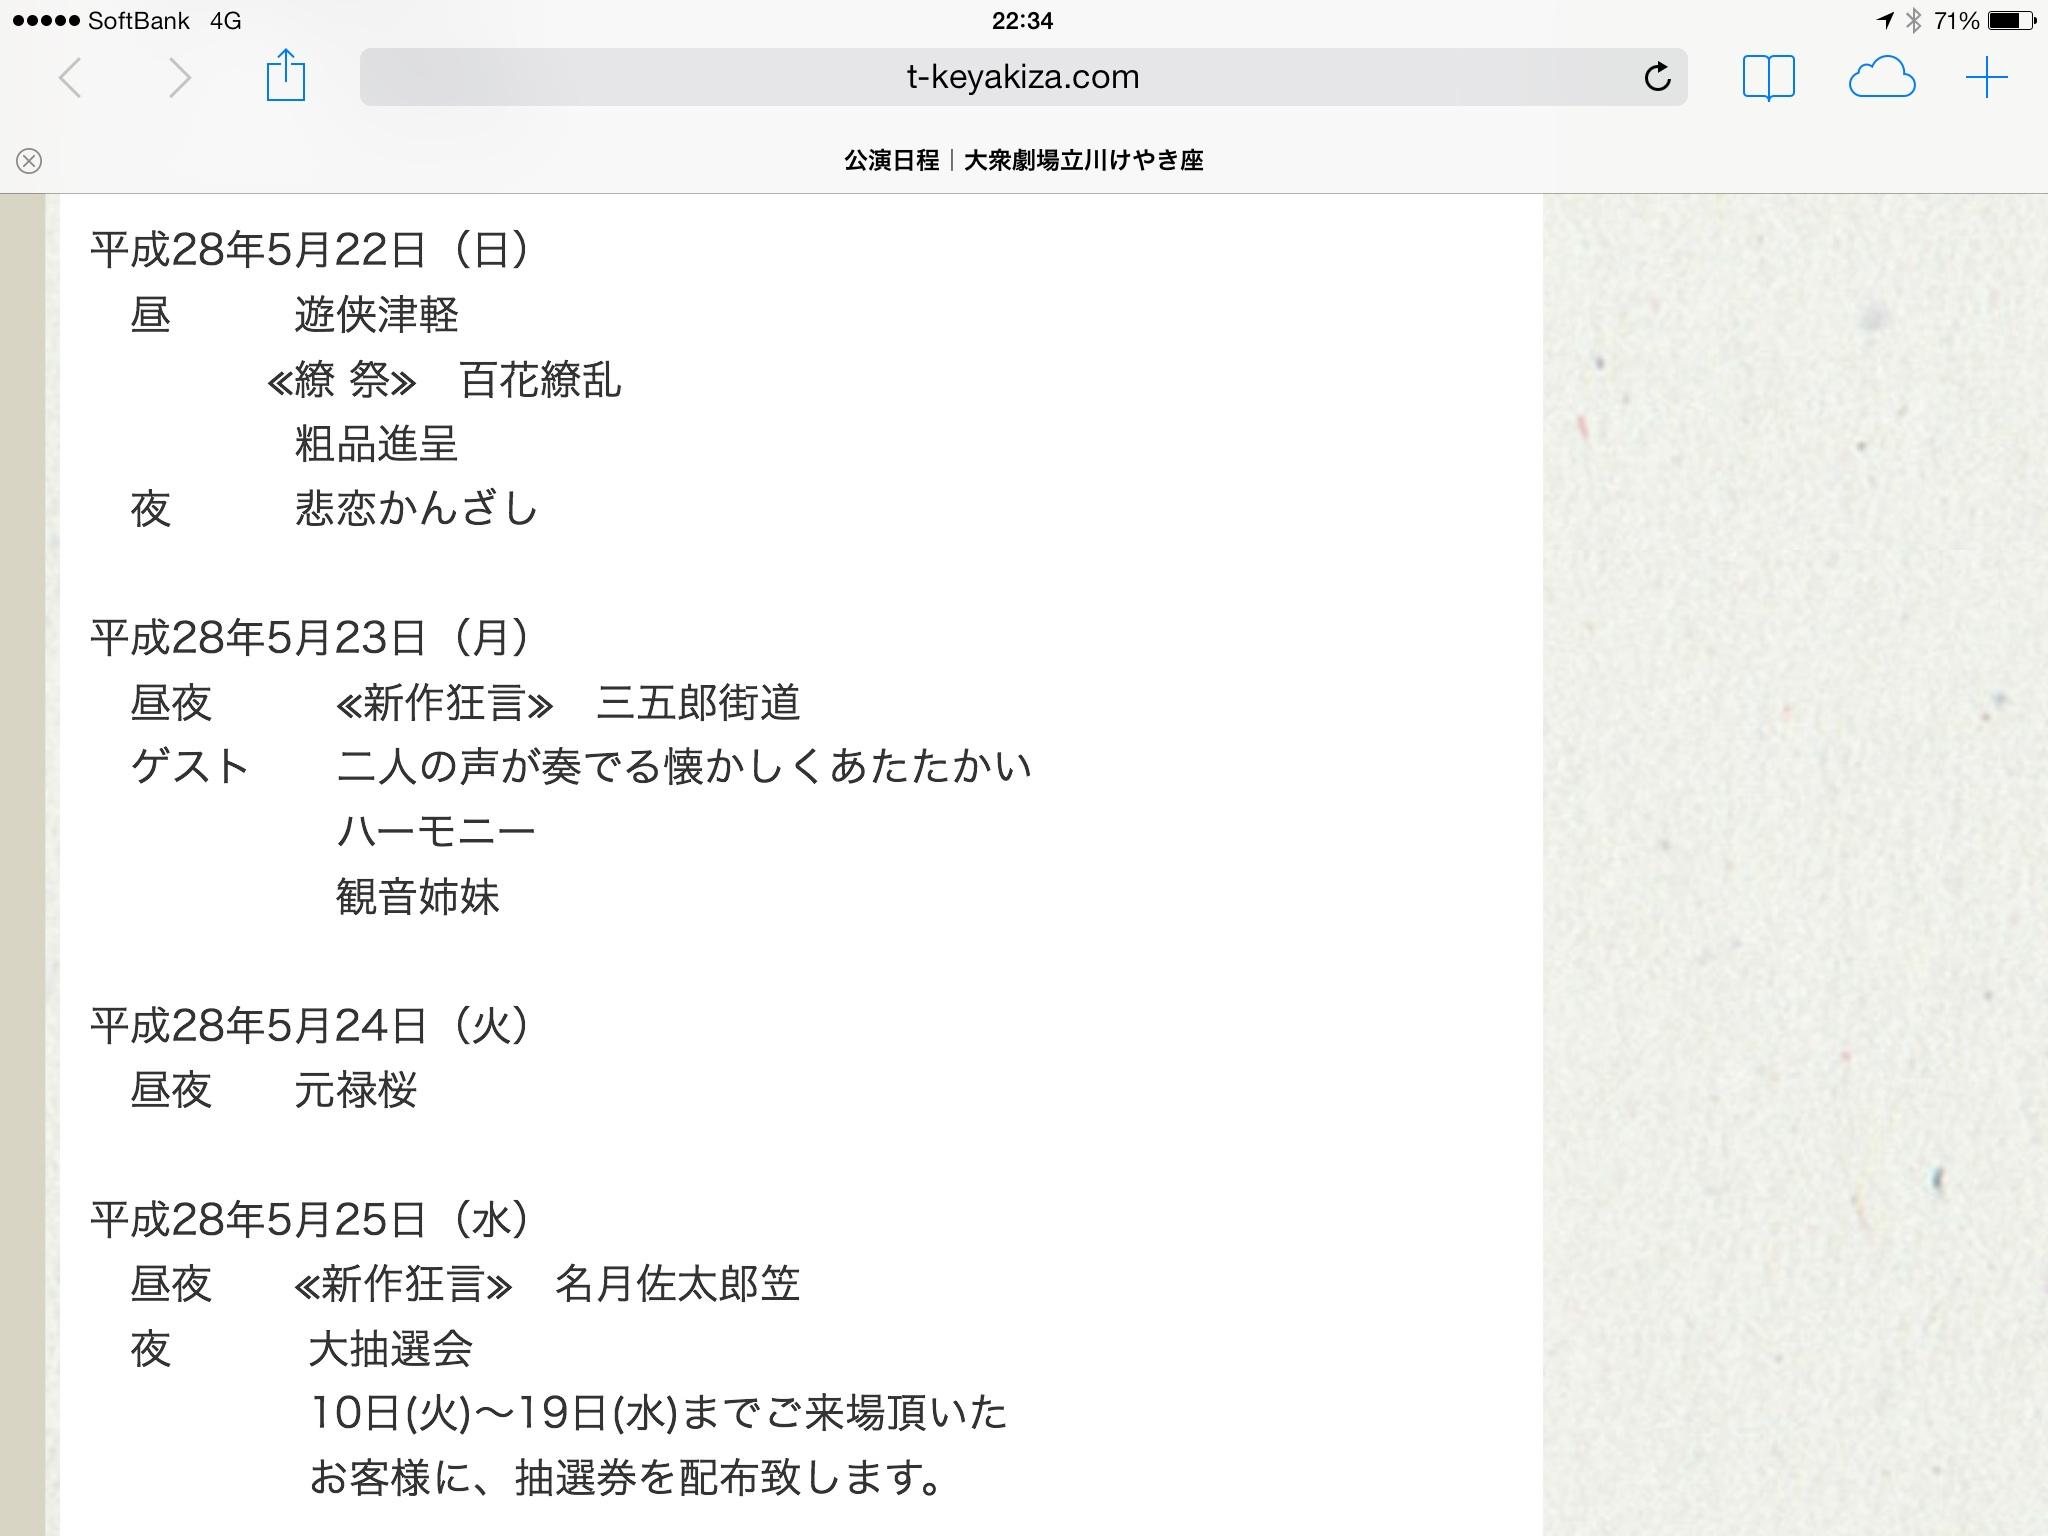 観音姉妹  出演情報  【5月】_e0342933_1845451.jpg